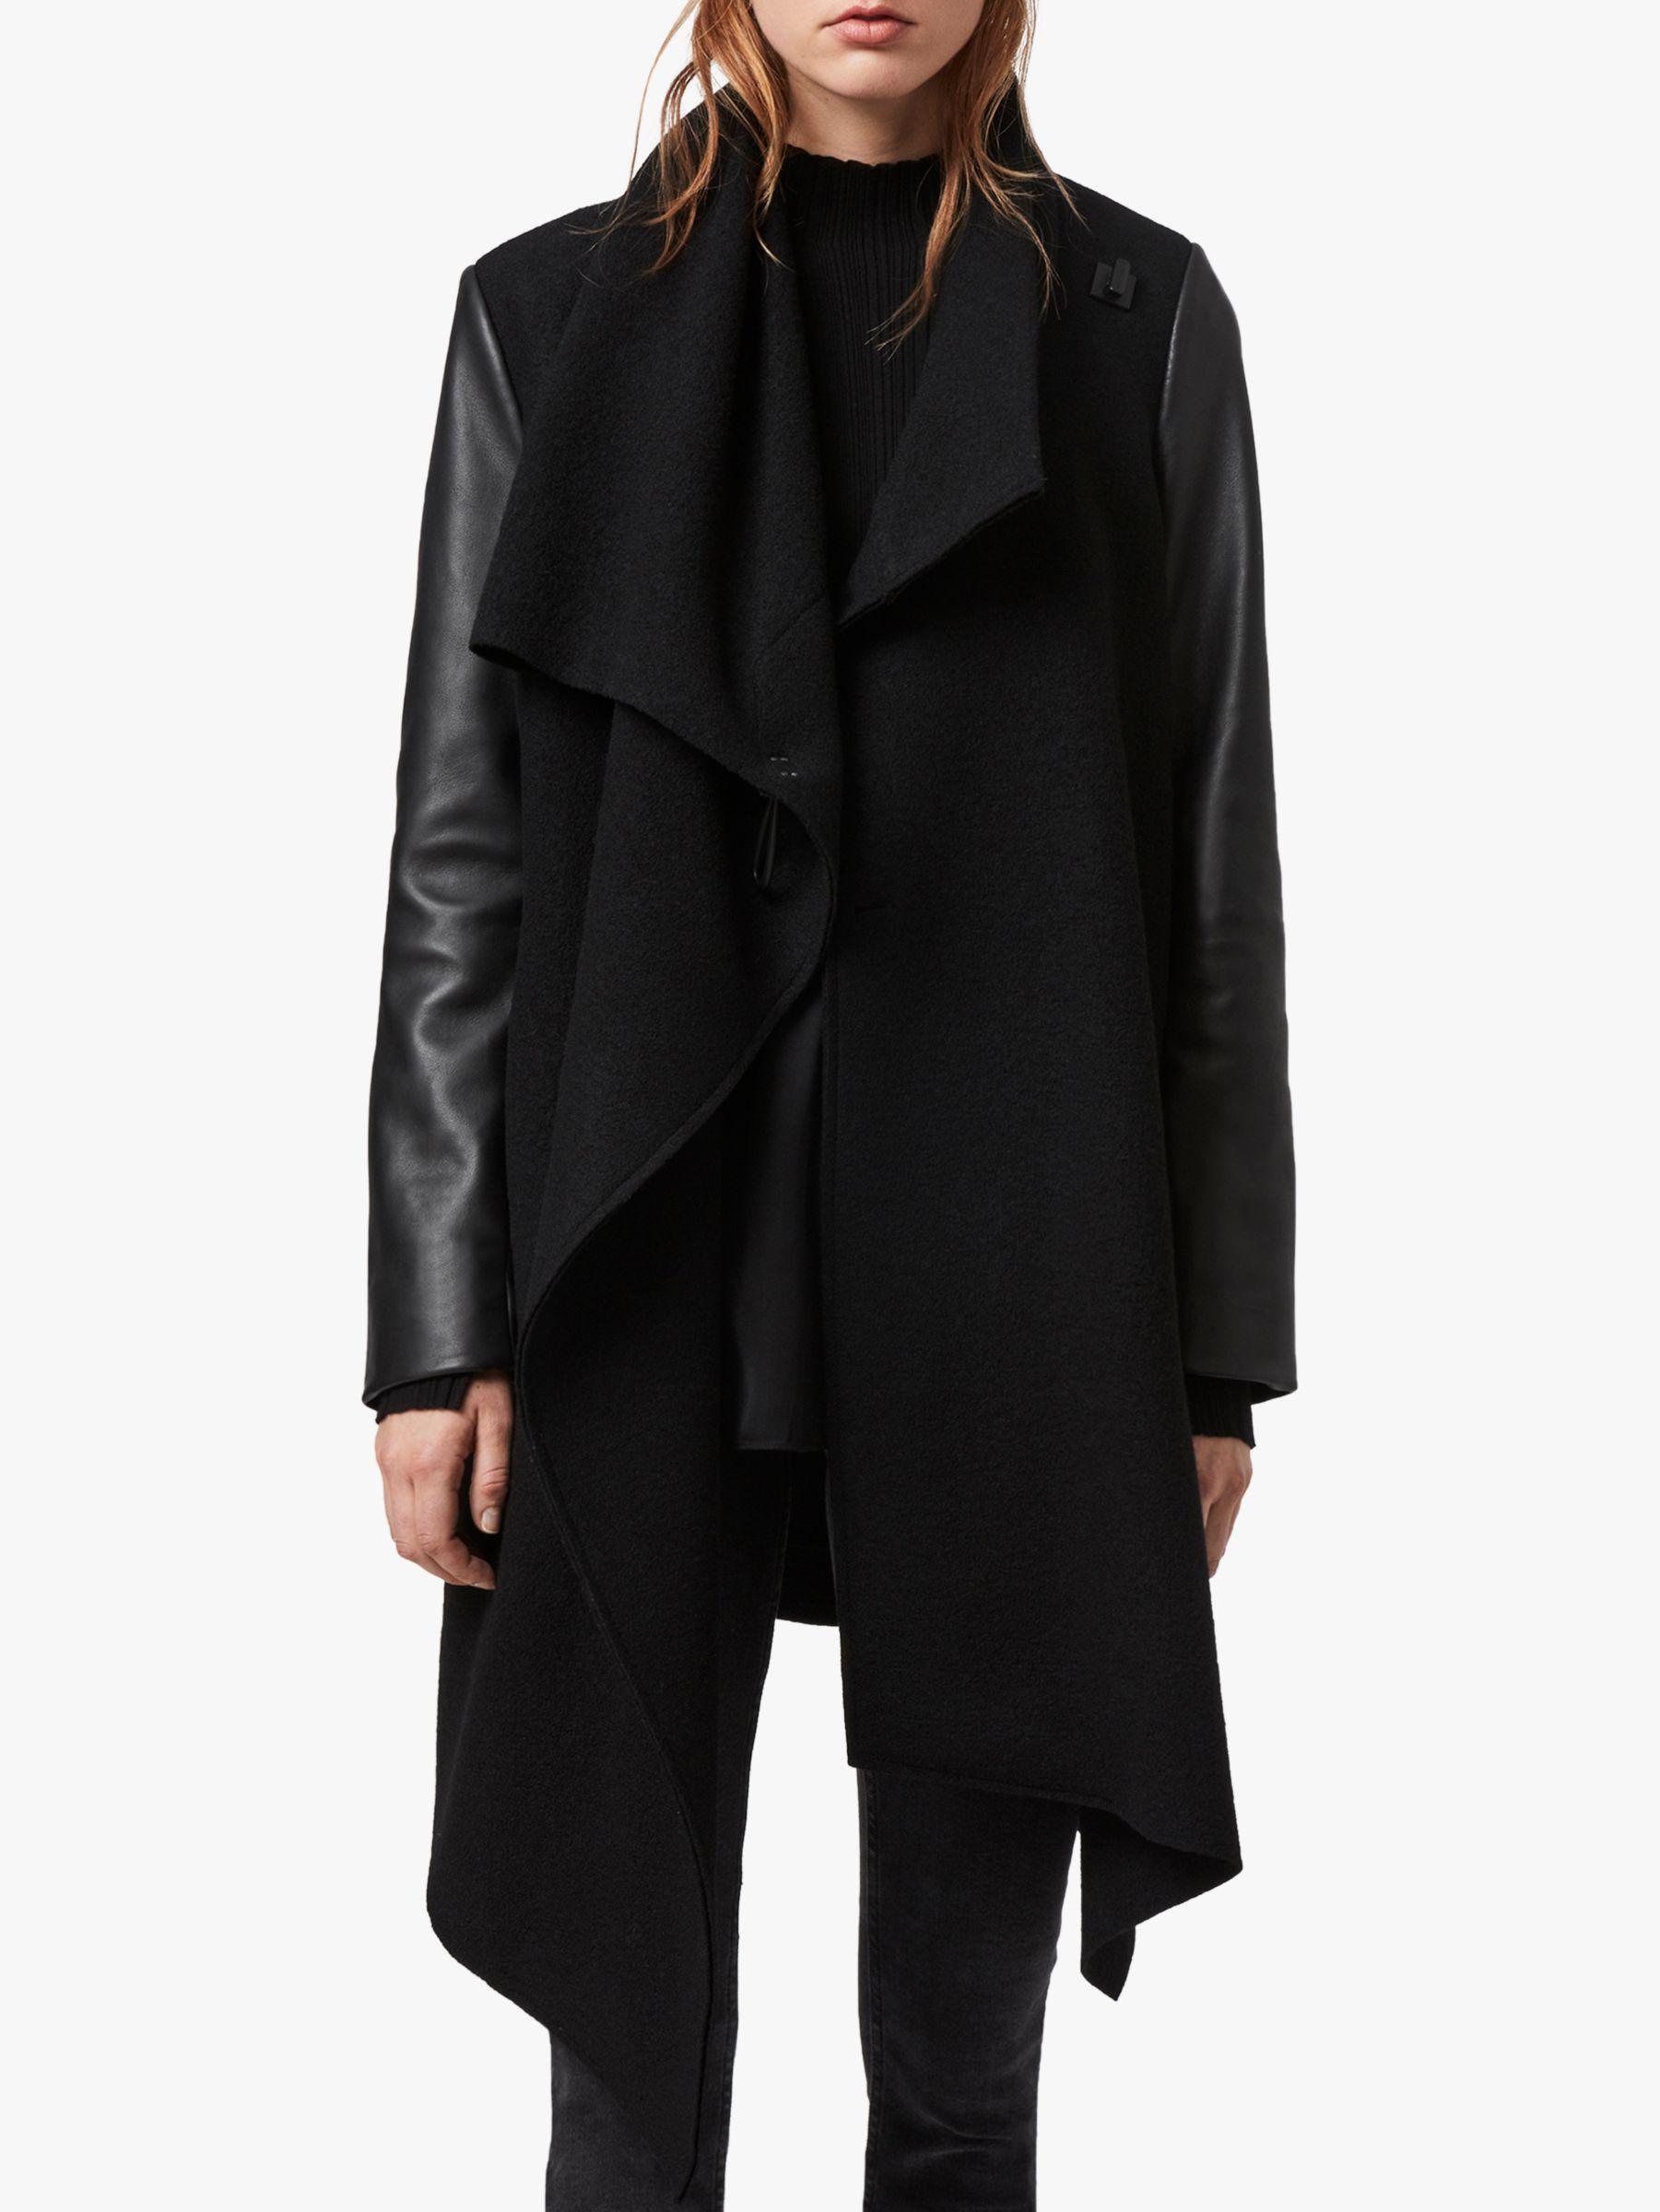 AllSaints AllSaints Monument Lea Leather Sleeves Coat, Black